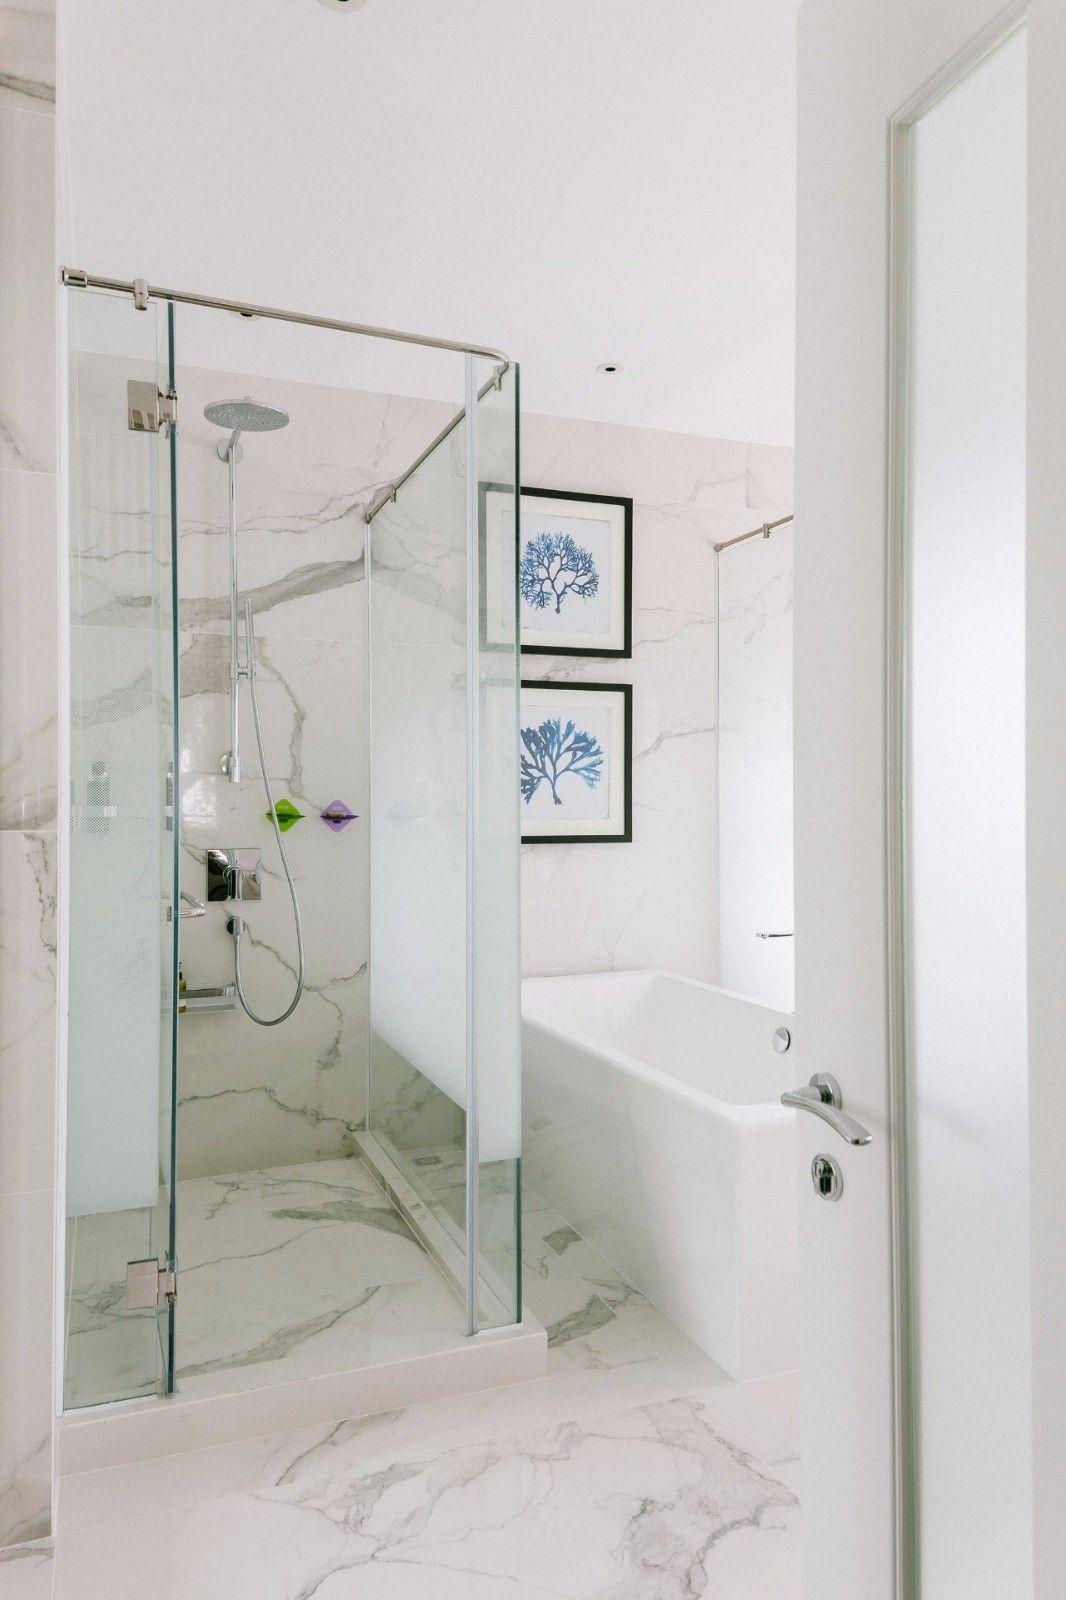 新作 | 950m2 香港加多利山贵族老宅 :真正的奢侈,为生活所用